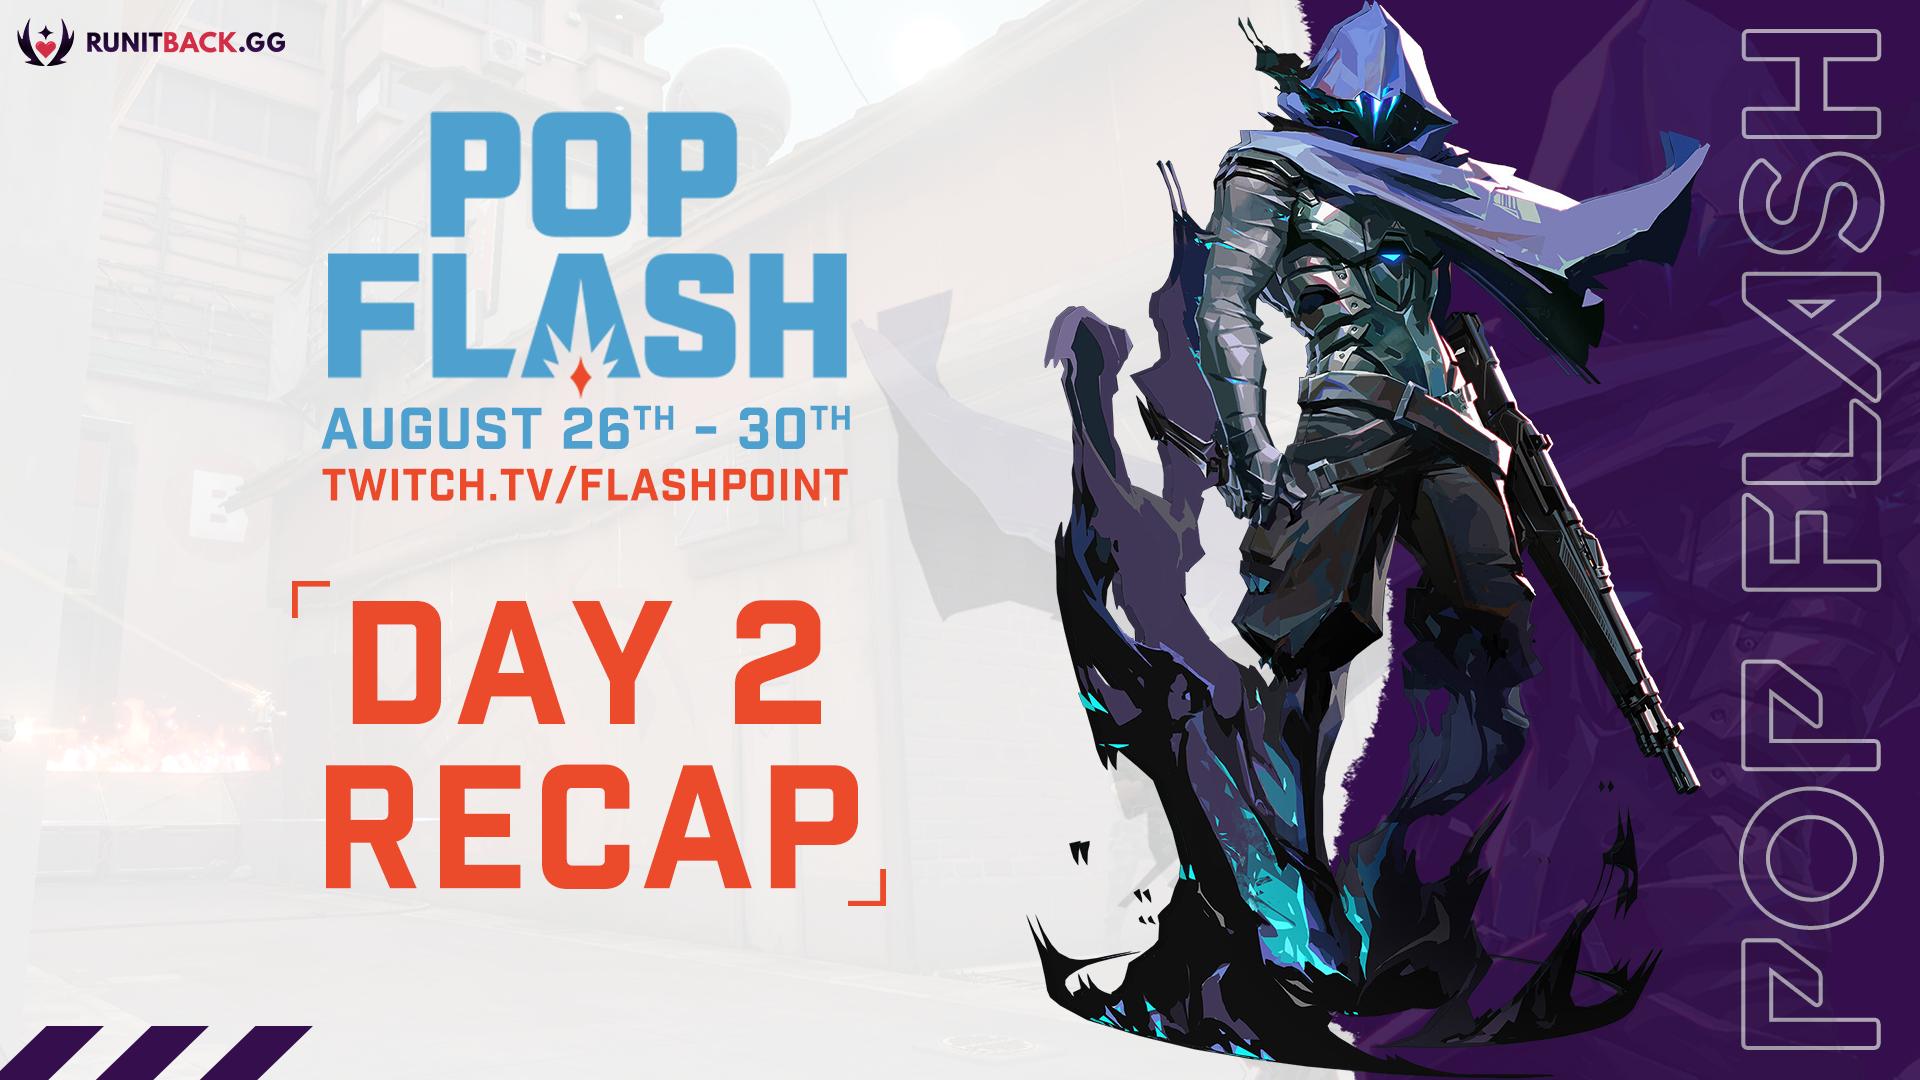 Pop Flash Day 2